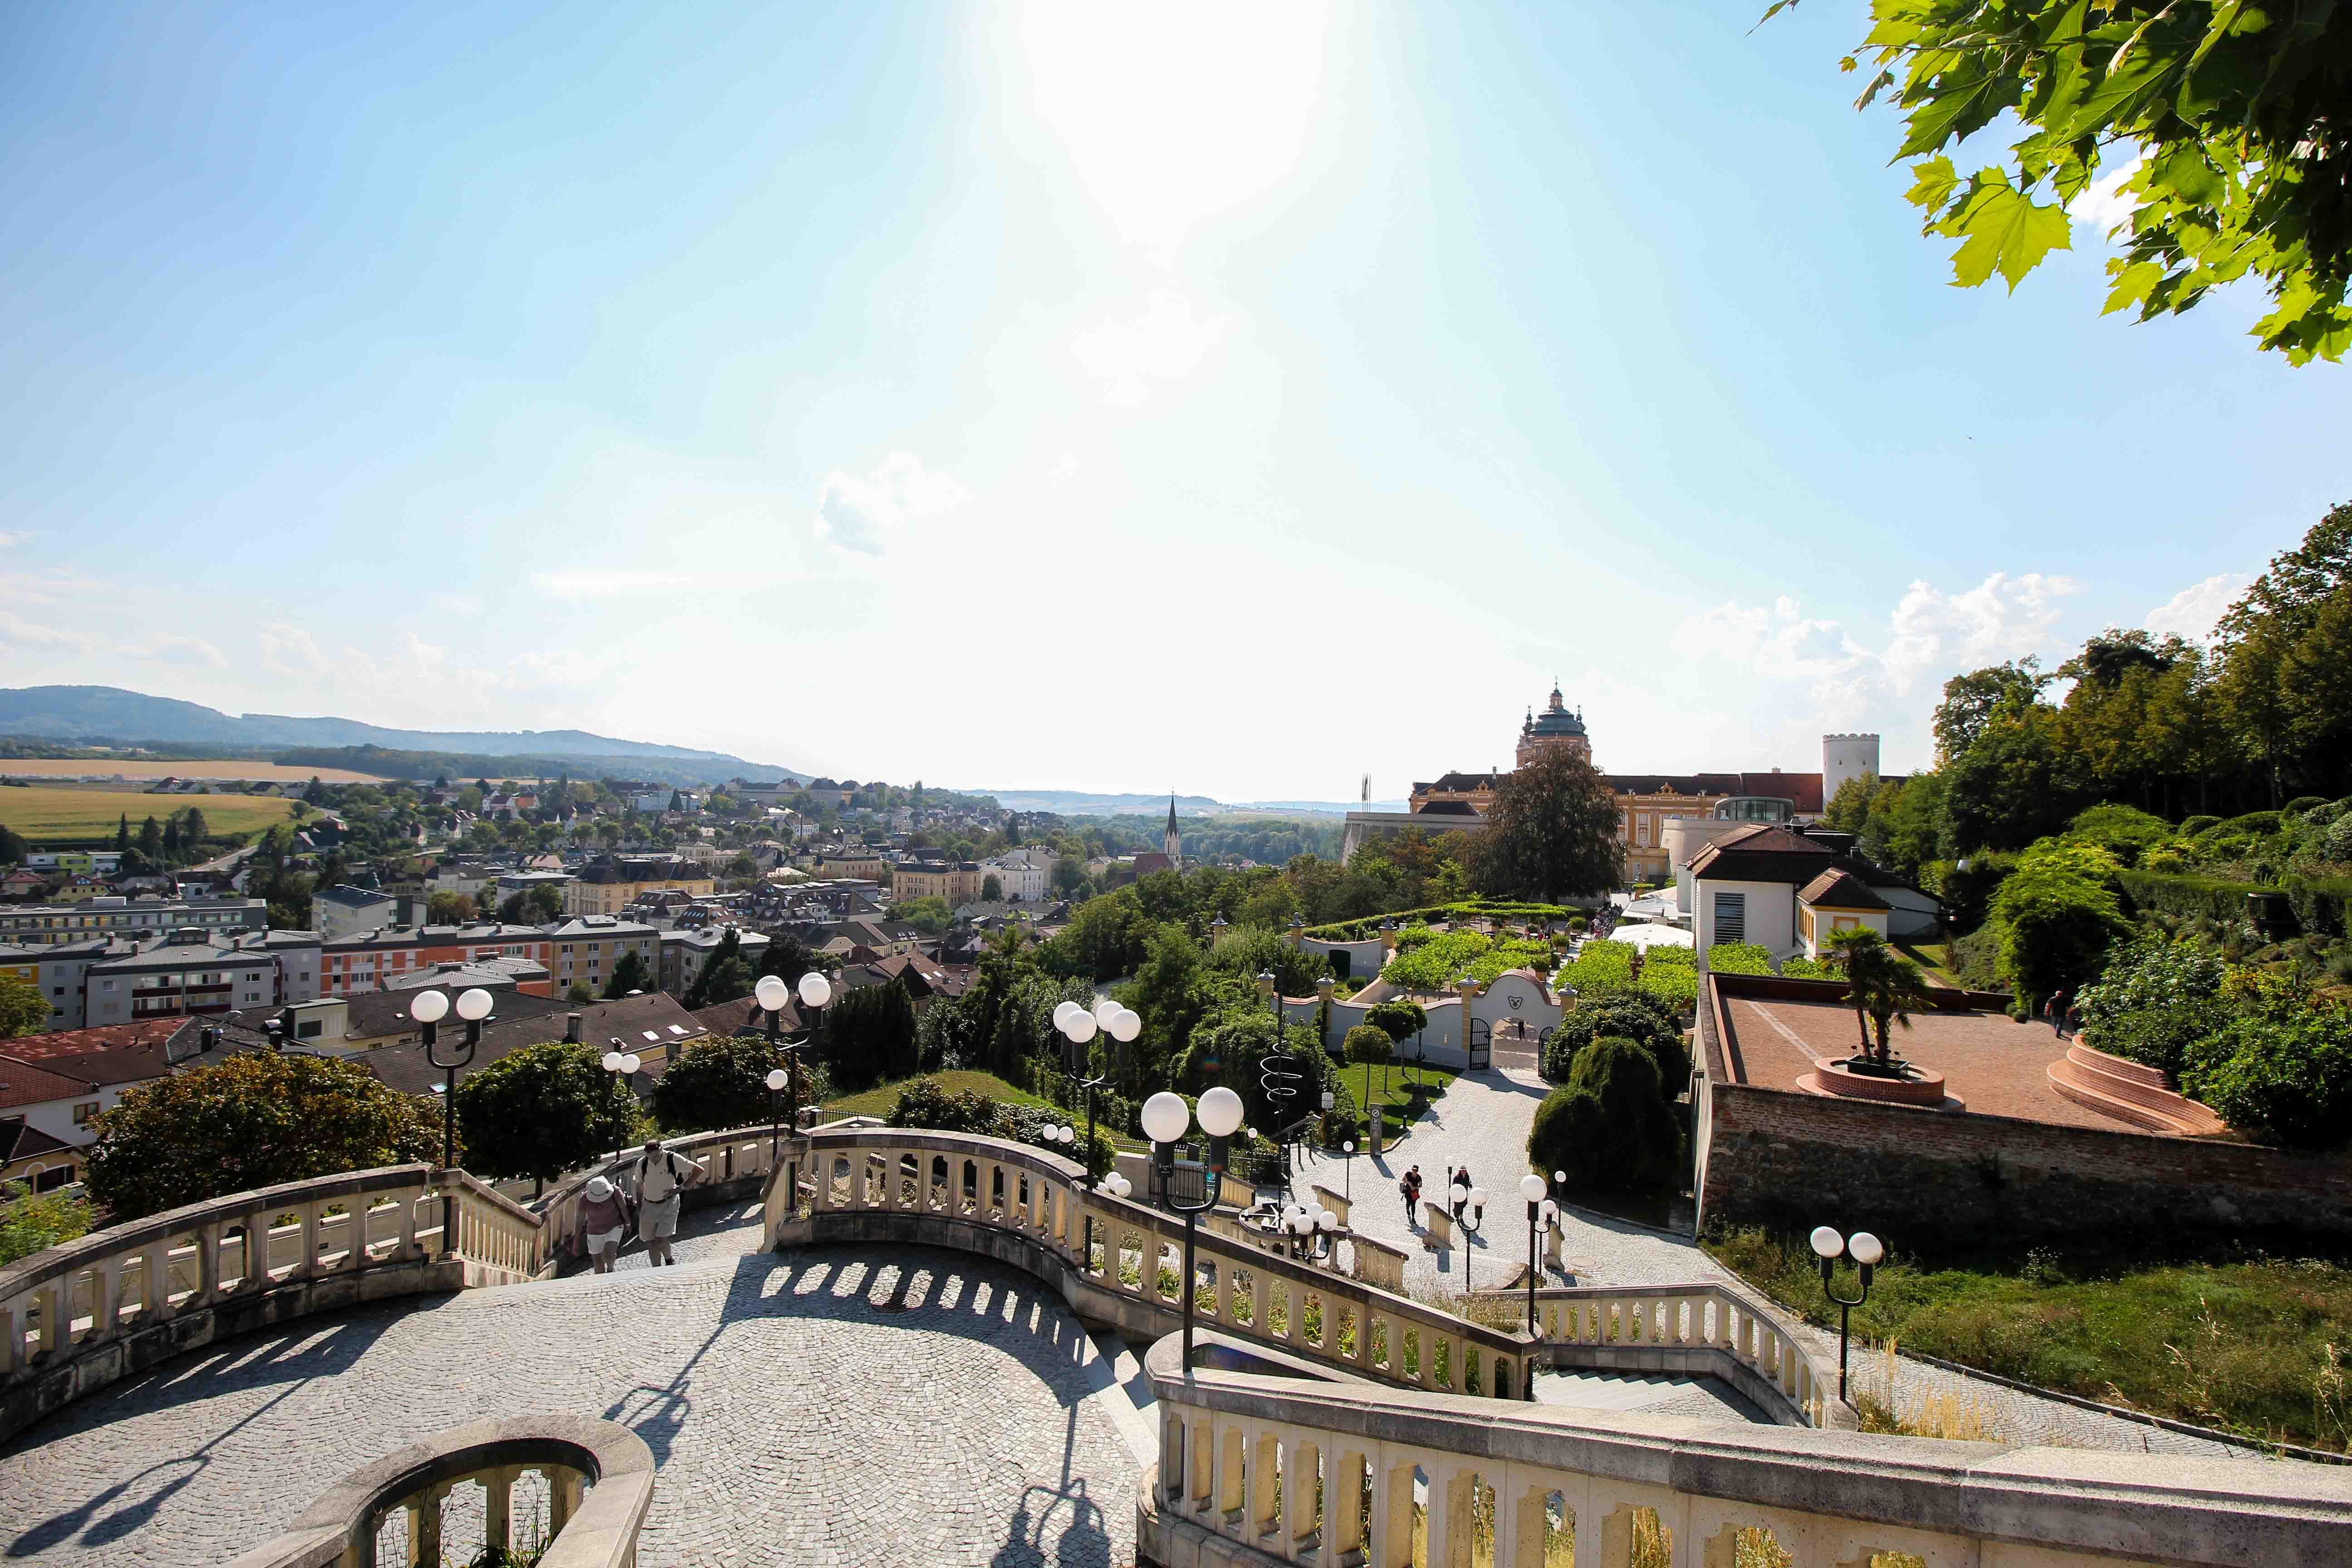 Wachau Österreich Melk Stift Melk Benediktinerkloster Treppe Insider Tipps Sehenswürdigkeiten Donaukreuzfahrt Arosa Reiseblog